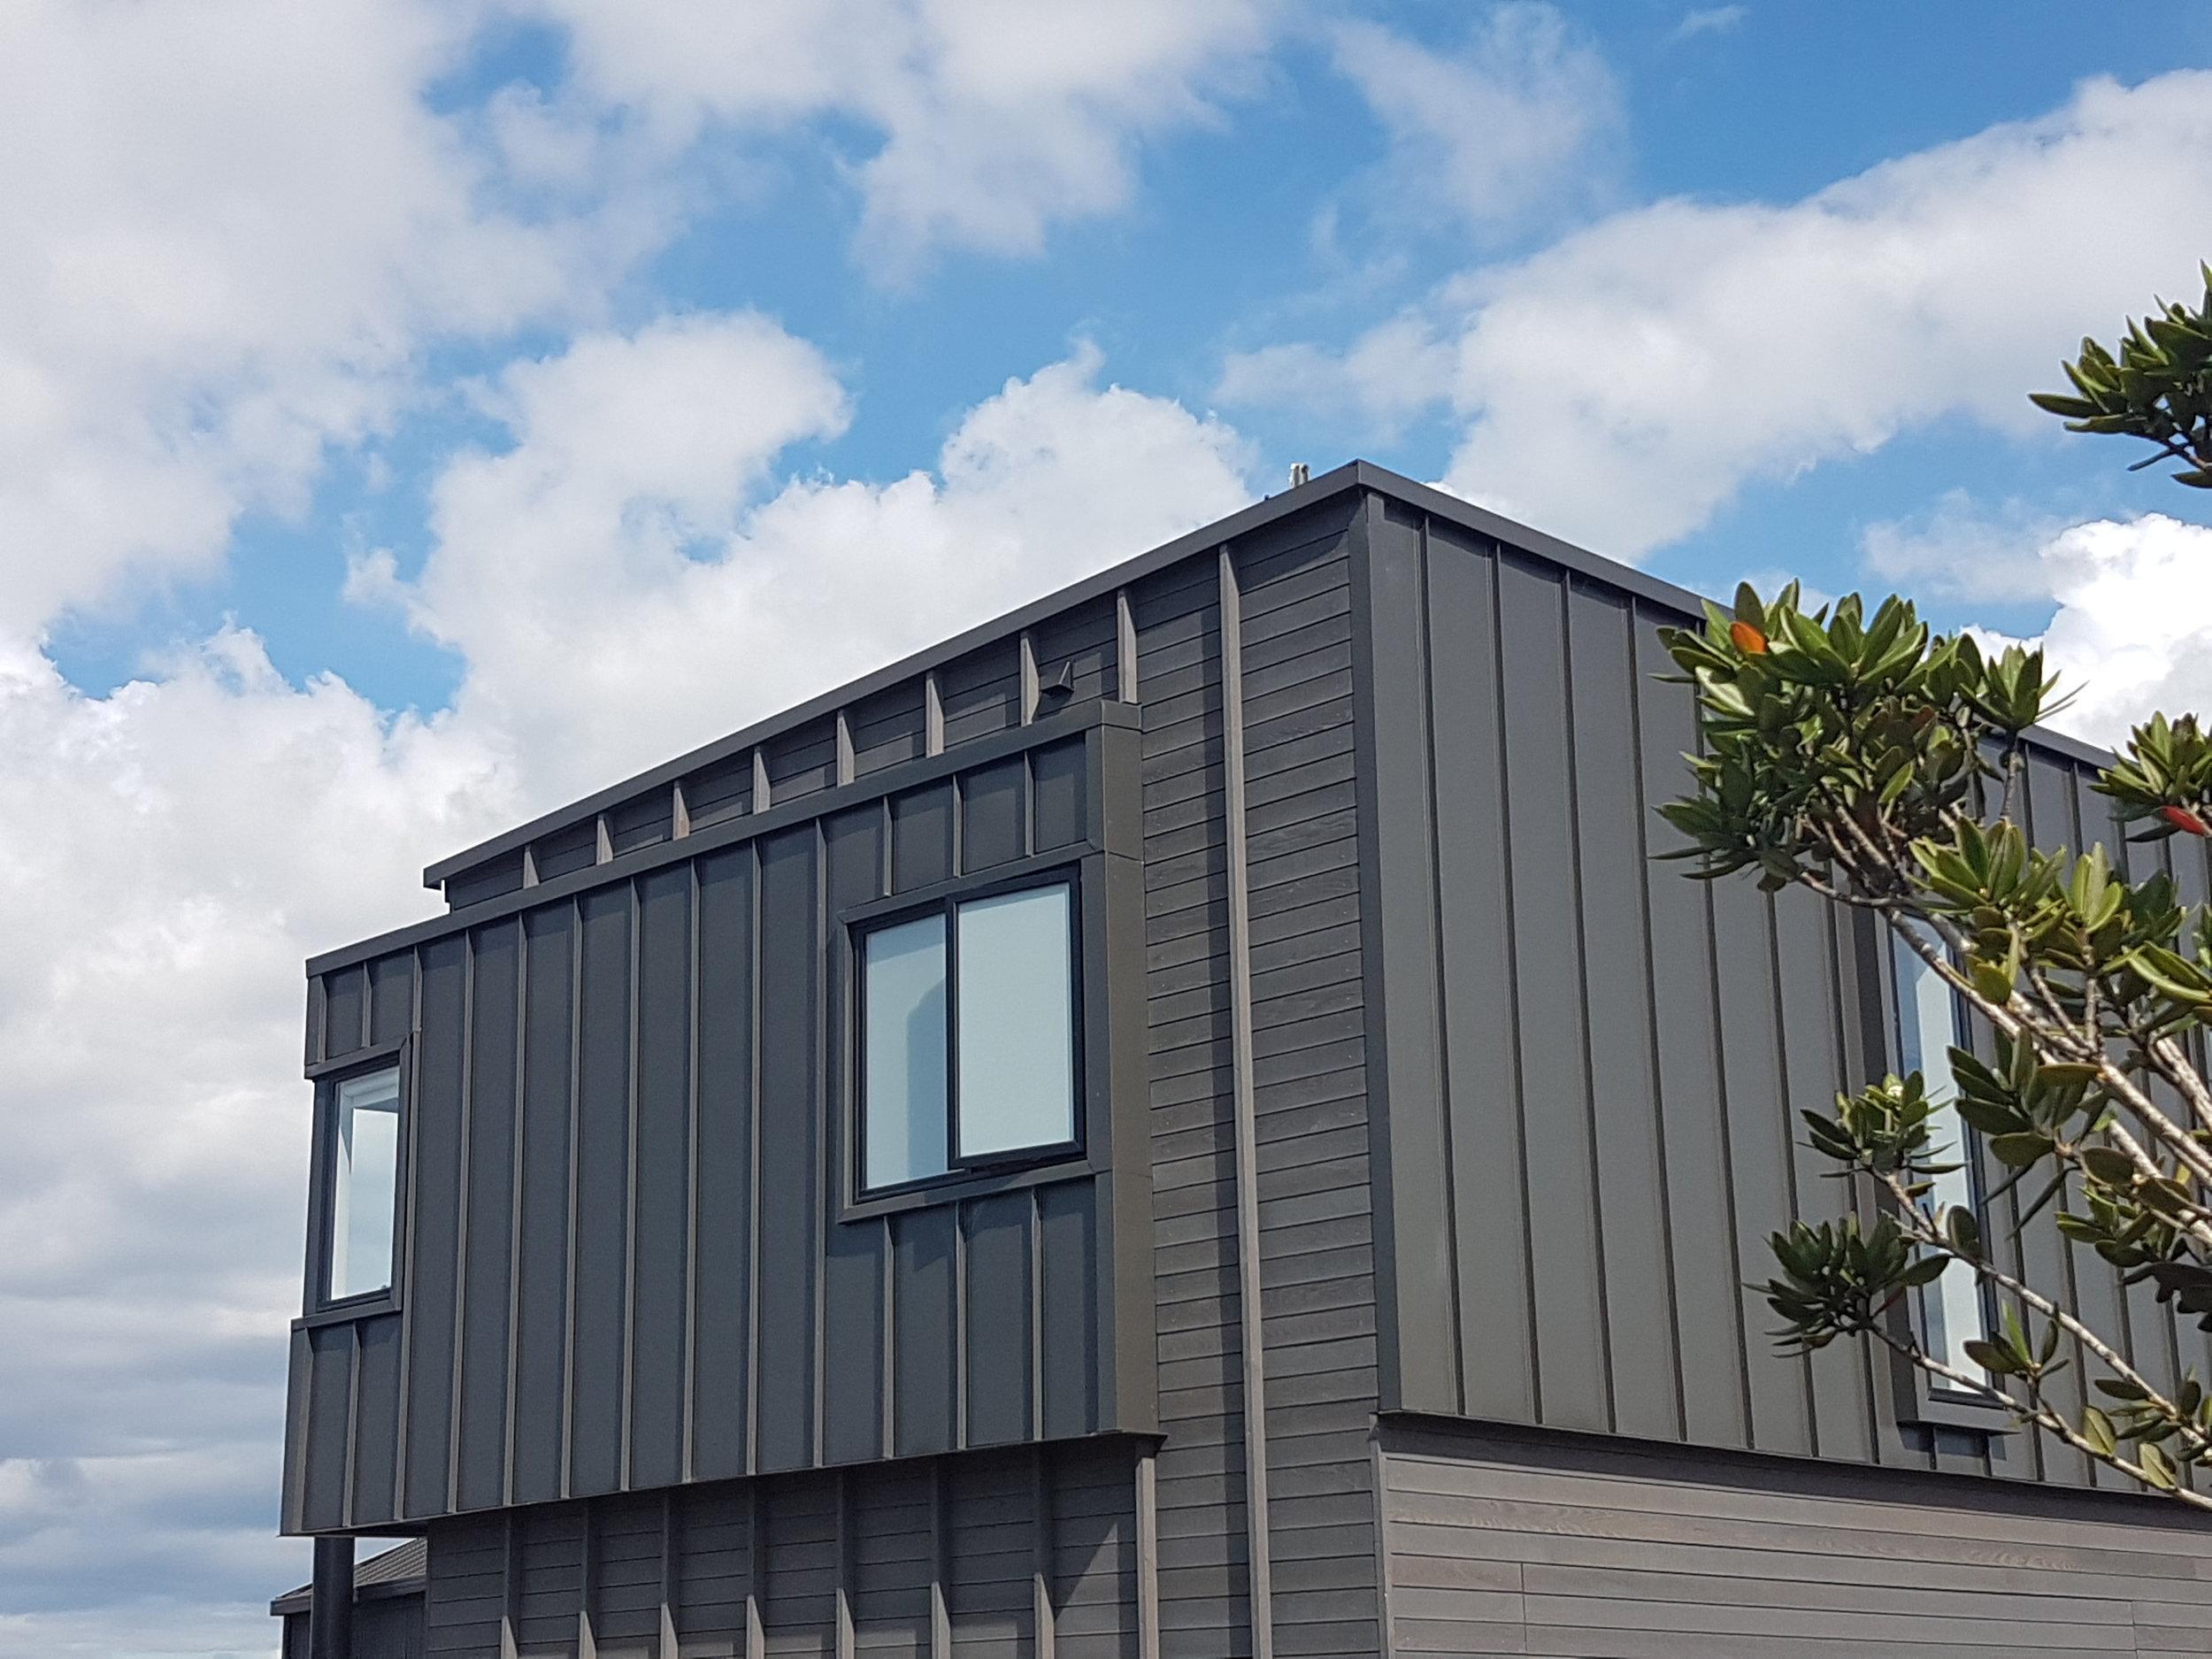 The-Roofing-Store-Steel-Metal-Super-Seam-Lux-Grey-Friars-7.jpg.jpg